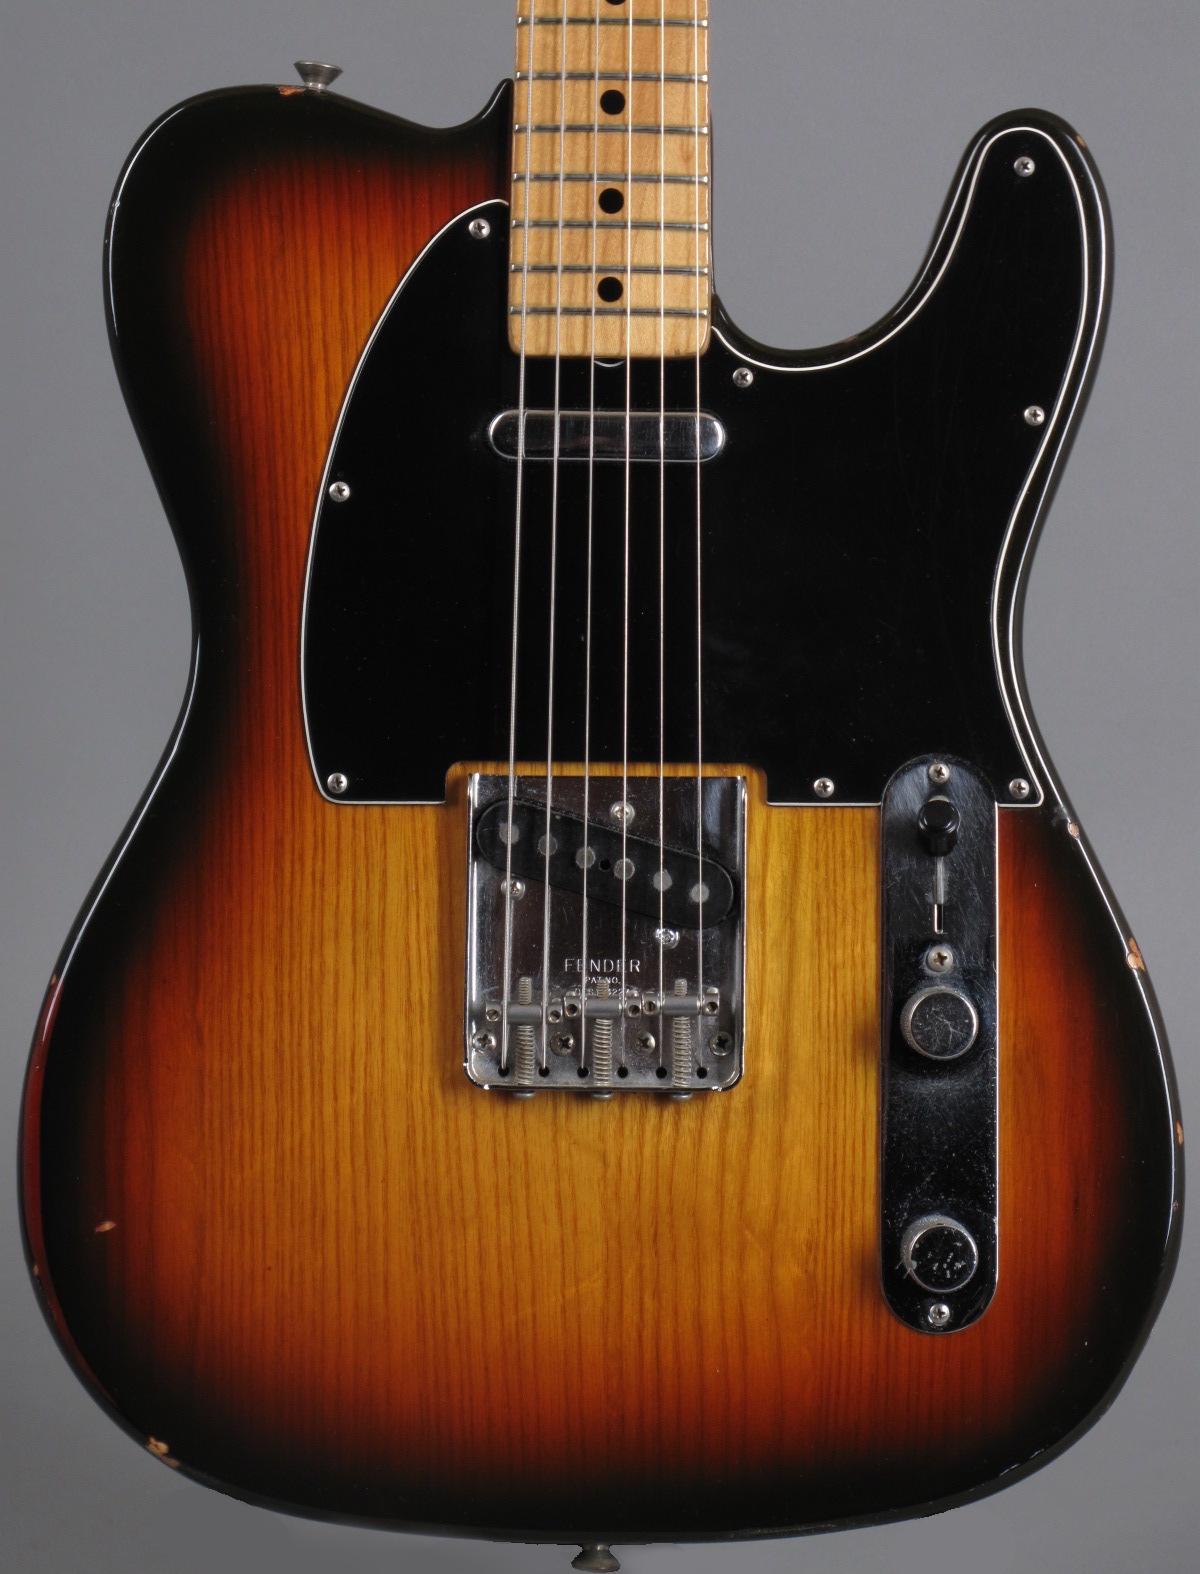 1981 Fender Telecaster - Sunburst